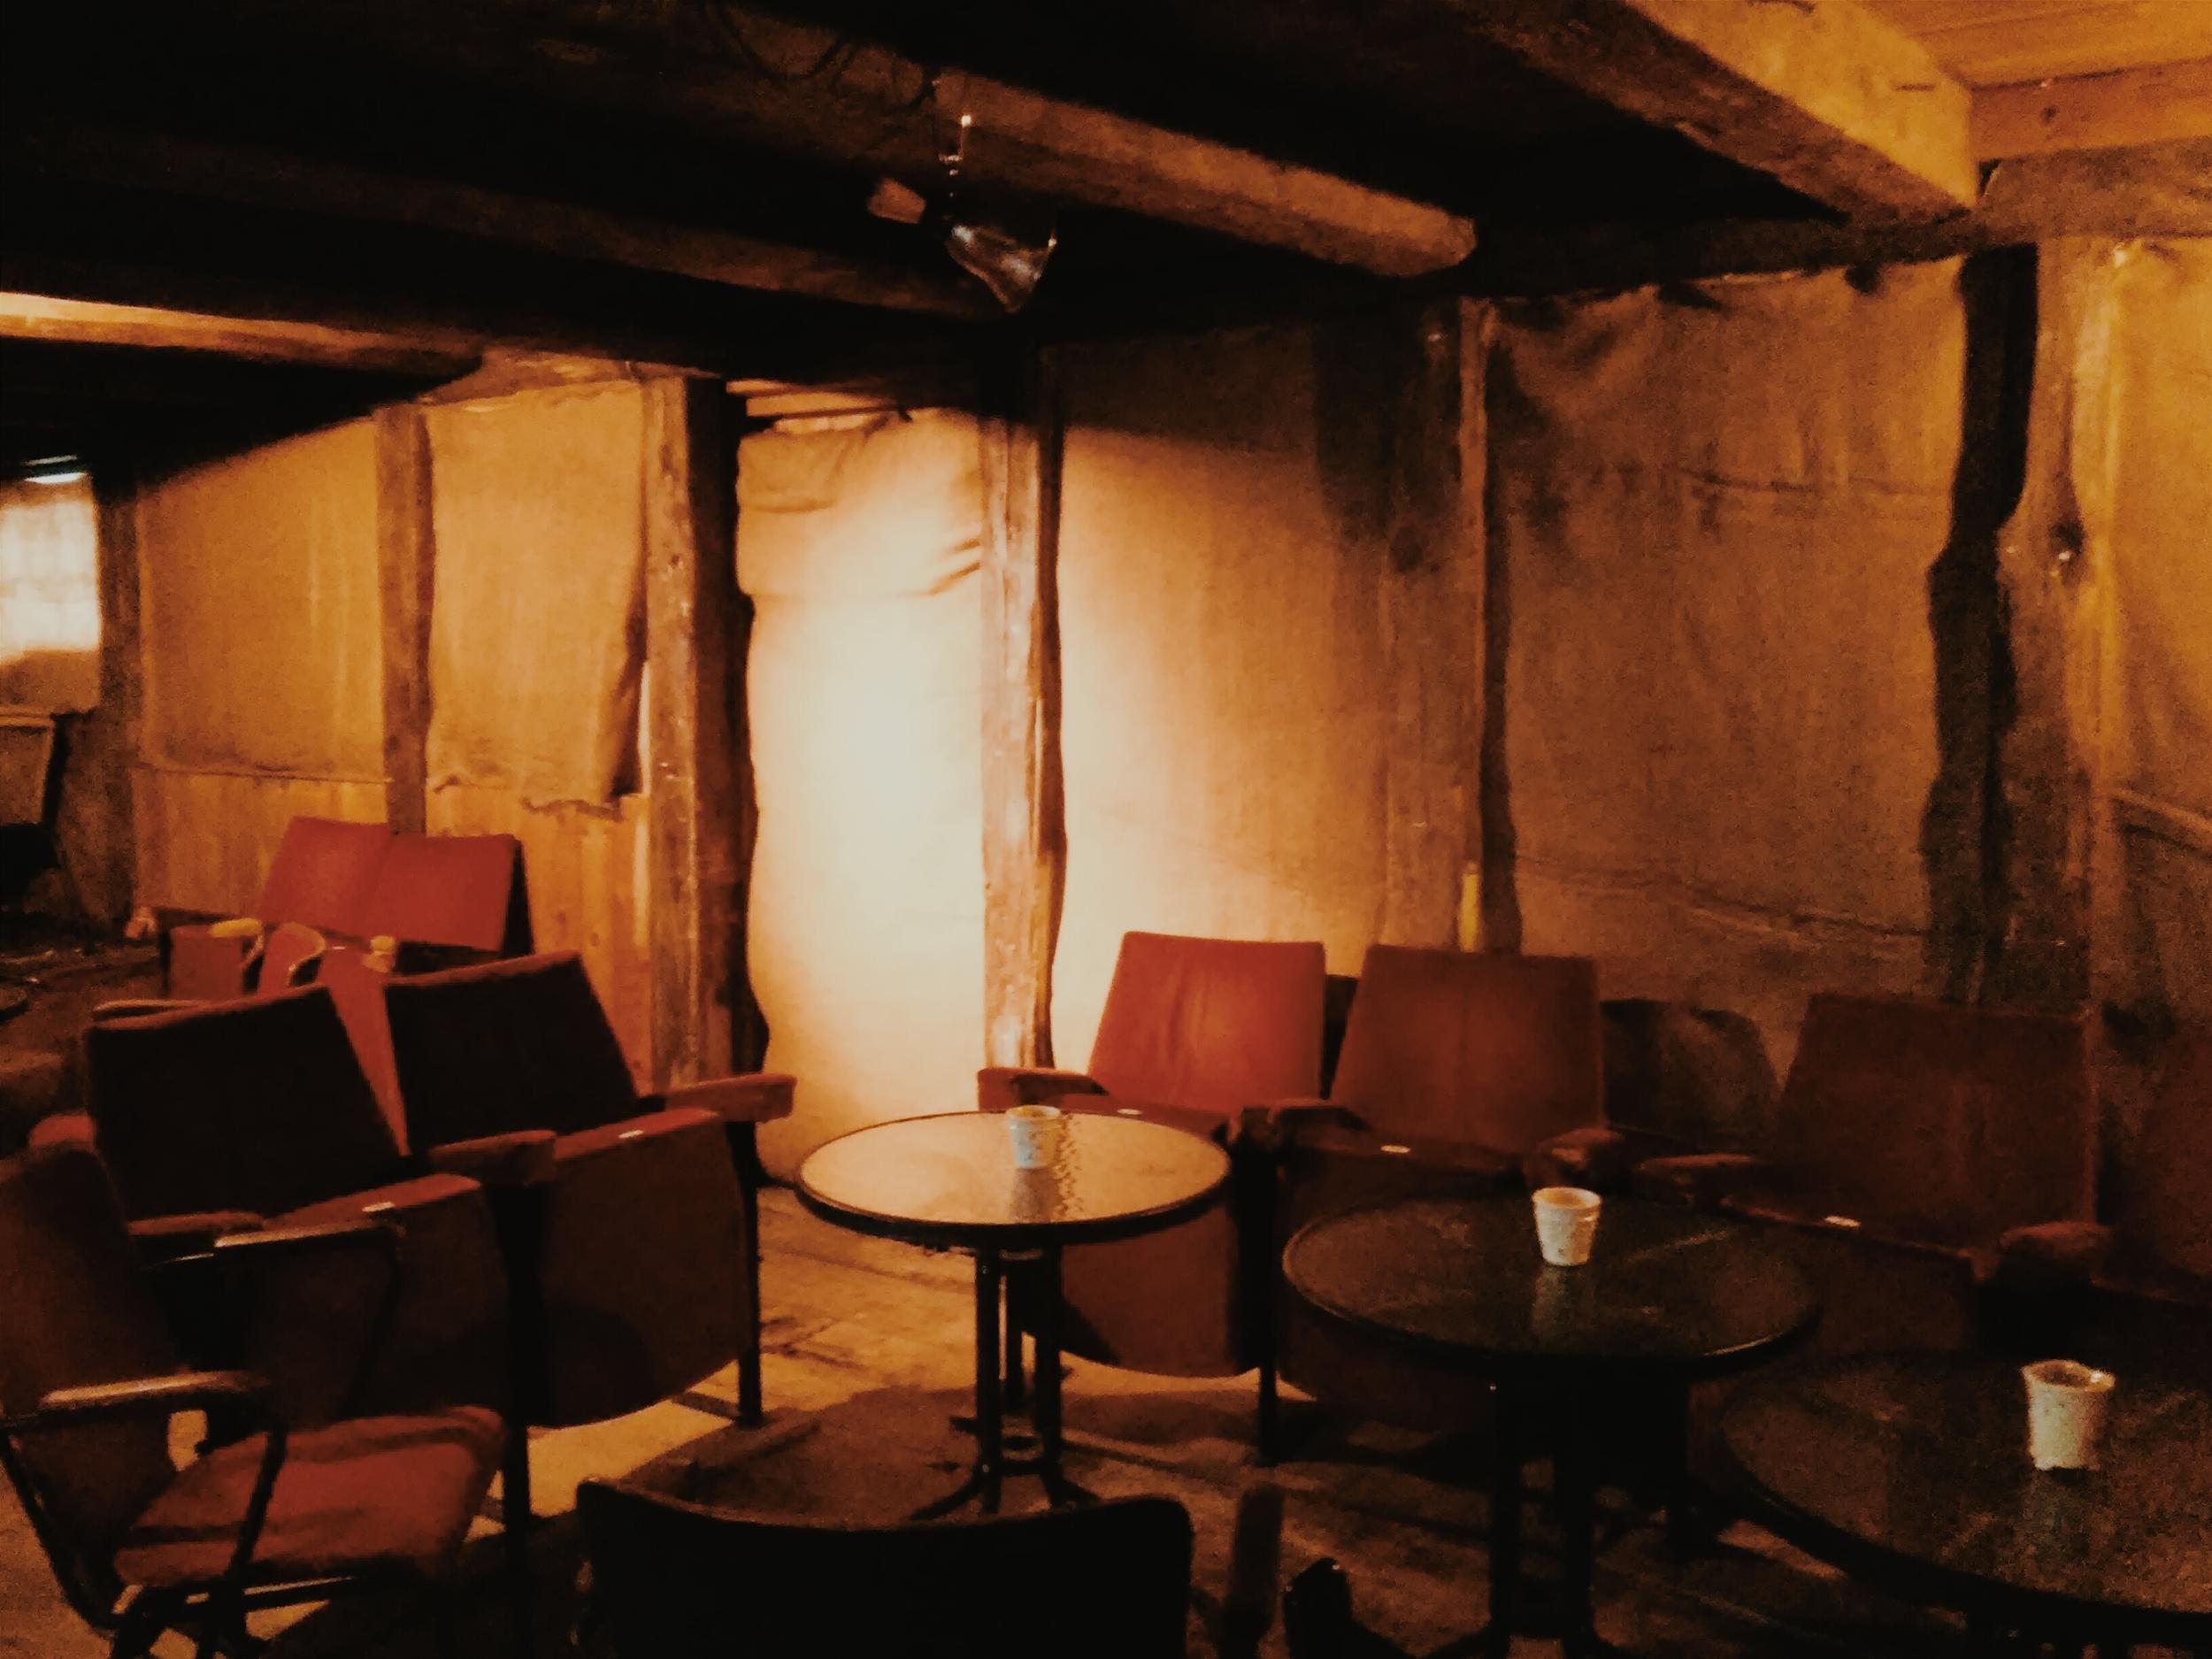 Μολονότι είναι θαμπή, προσφέρει μια άποψη του δωματίου με τα παλιά καθίσματα του κινηματογράφου